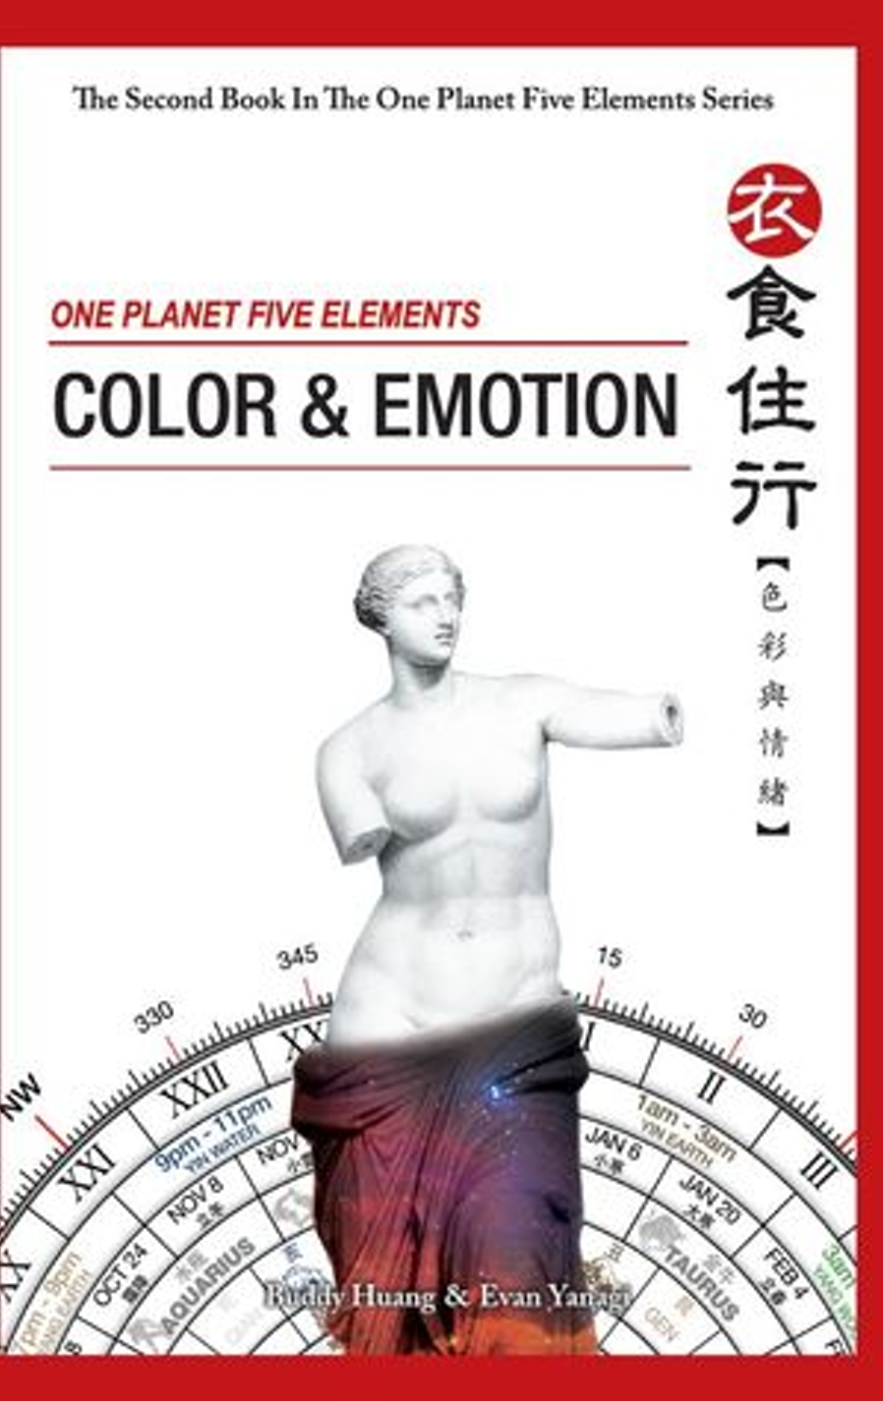 ONE PLANET FIVE ELEMENTS- COLOR & EMOTION